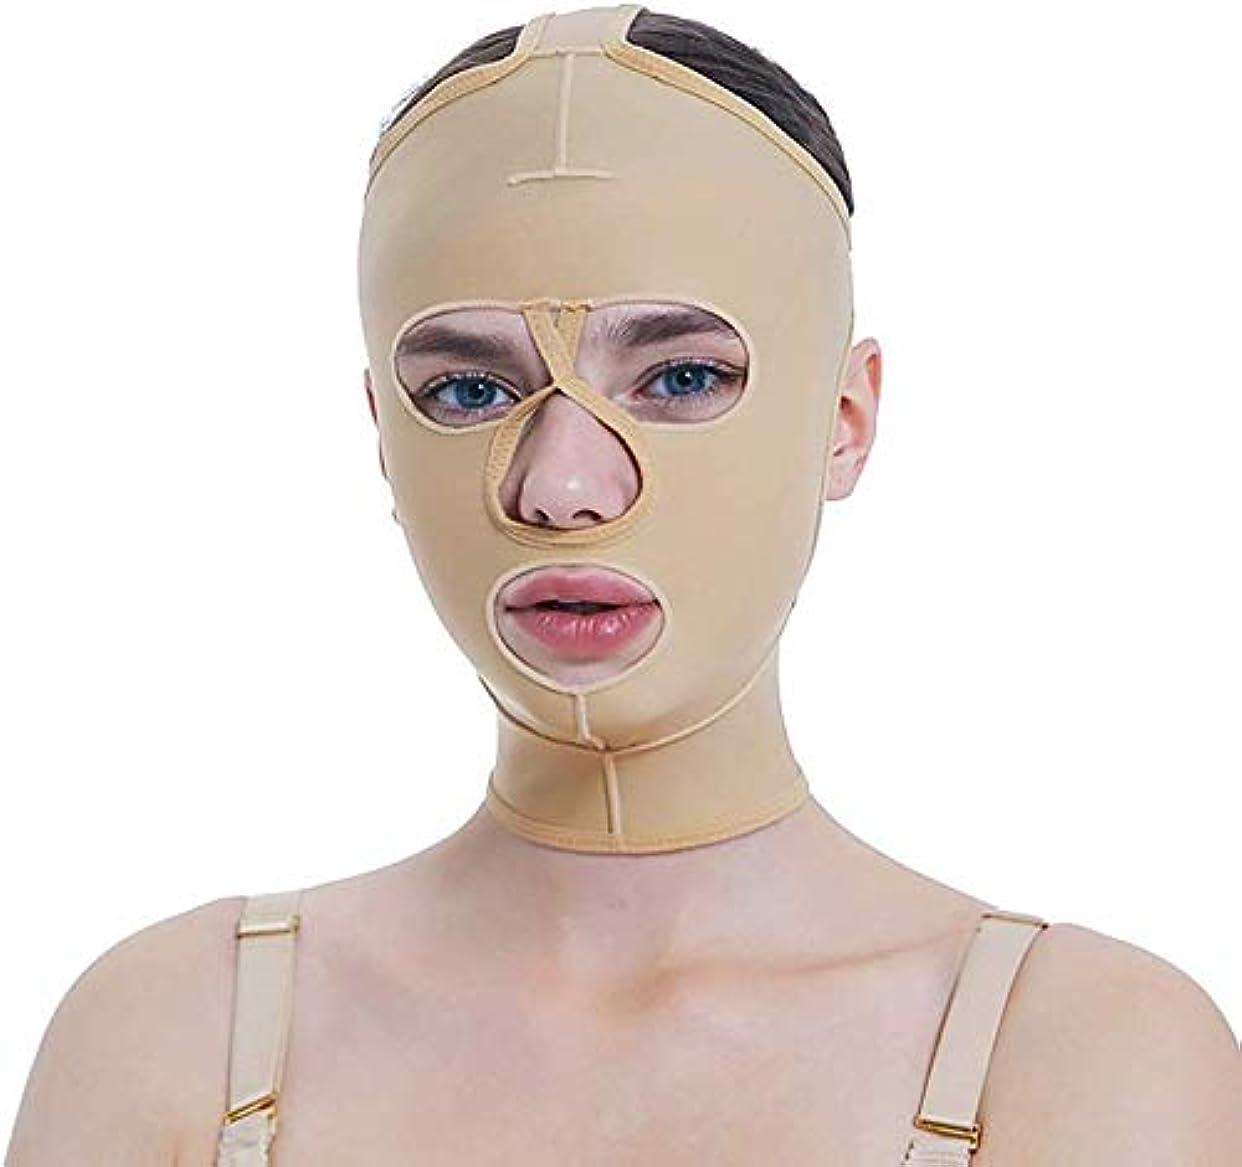 鬼ごっこフリッパー逸話スリミングVフェイスマスク、脂肪吸引術成形マスク、薄いフェイスウィッグVフェイスビームフェイス弾性スリーブマルチサイズオプション(サイズ:S)